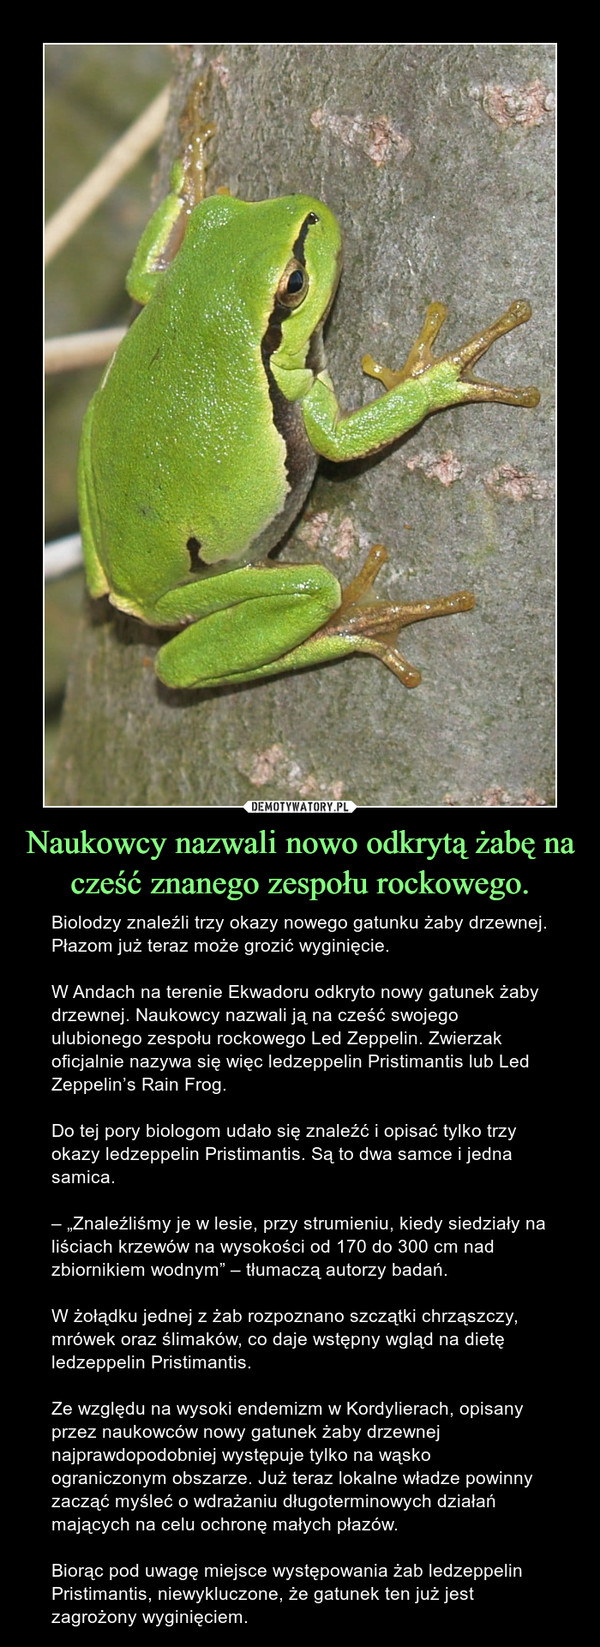 """Naukowcy nazwali nowo odkrytą żabę na cześć znanego zespołu rockowego. – Biolodzy znaleźli trzy okazy nowego gatunku żaby drzewnej. Płazom już teraz może grozić wyginięcie.W Andach na terenie Ekwadoru odkryto nowy gatunek żaby drzewnej. Naukowcy nazwali ją na cześć swojego ulubionego zespołu rockowego Led Zeppelin. Zwierzak oficjalnie nazywa się więc ledzeppelin Pristimantis lub Led Zeppelin's Rain Frog.Do tej pory biologom udało się znaleźć i opisać tylko trzy okazy ledzeppelin Pristimantis. Są to dwa samce i jedna samica.– """"Znaleźliśmy je w lesie, przy strumieniu, kiedy siedziały na liściach krzewów na wysokości od 170 do 300 cm nad zbiornikiem wodnym"""" – tłumaczą autorzy badań.W żołądku jednej z żab rozpoznano szczątki chrząszczy, mrówek oraz ślimaków, co daje wstępny wgląd na dietę ledzeppelin Pristimantis.Ze względu na wysoki endemizm w Kordylierach, opisany przez naukowców nowy gatunek żaby drzewnej najprawdopodobniej występuje tylko na wąsko ograniczonym obszarze. Już teraz lokalne władze powinny zacząć myśleć o wdrażaniu długoterminowych działań mających na celu ochronę małych płazów.Biorąc pod uwagę miejsce występowania żab ledzeppelin Pristimantis, niewykluczone, że gatunek ten już jest zagrożony wyginięciem."""